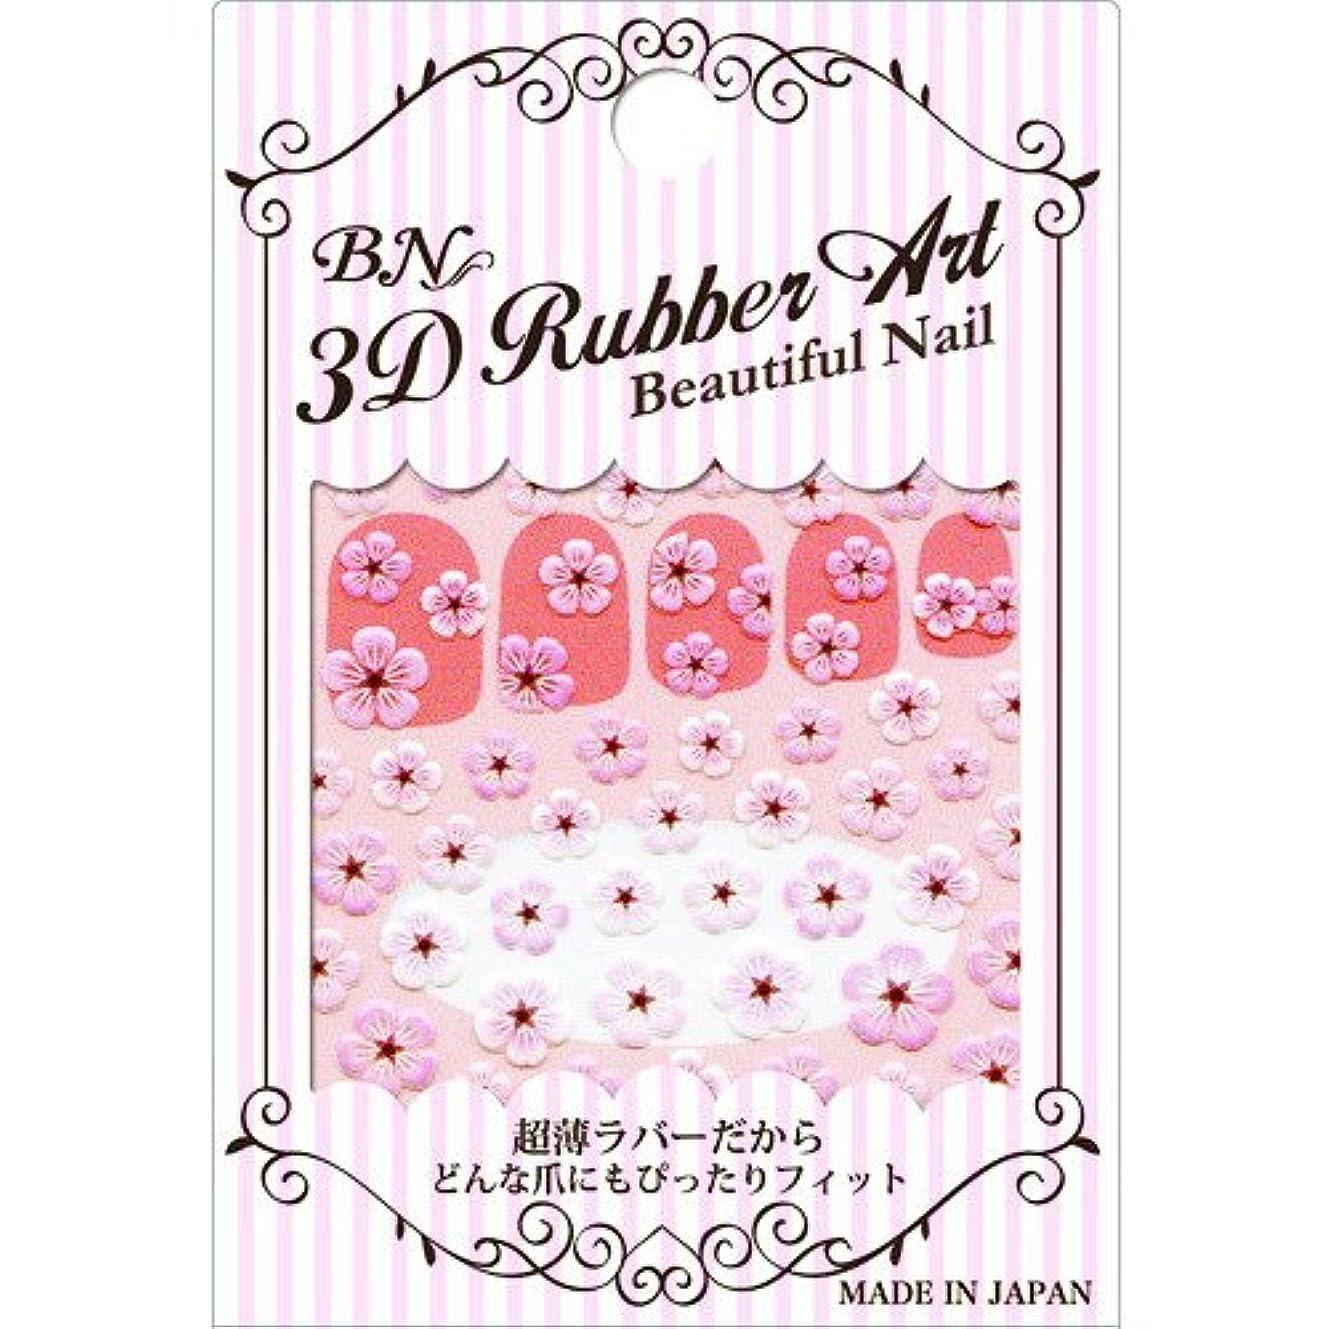 スパン明らかに枕BN 3Dラバーアート ビューティフルネイル BUR-5 おしばな ピンク